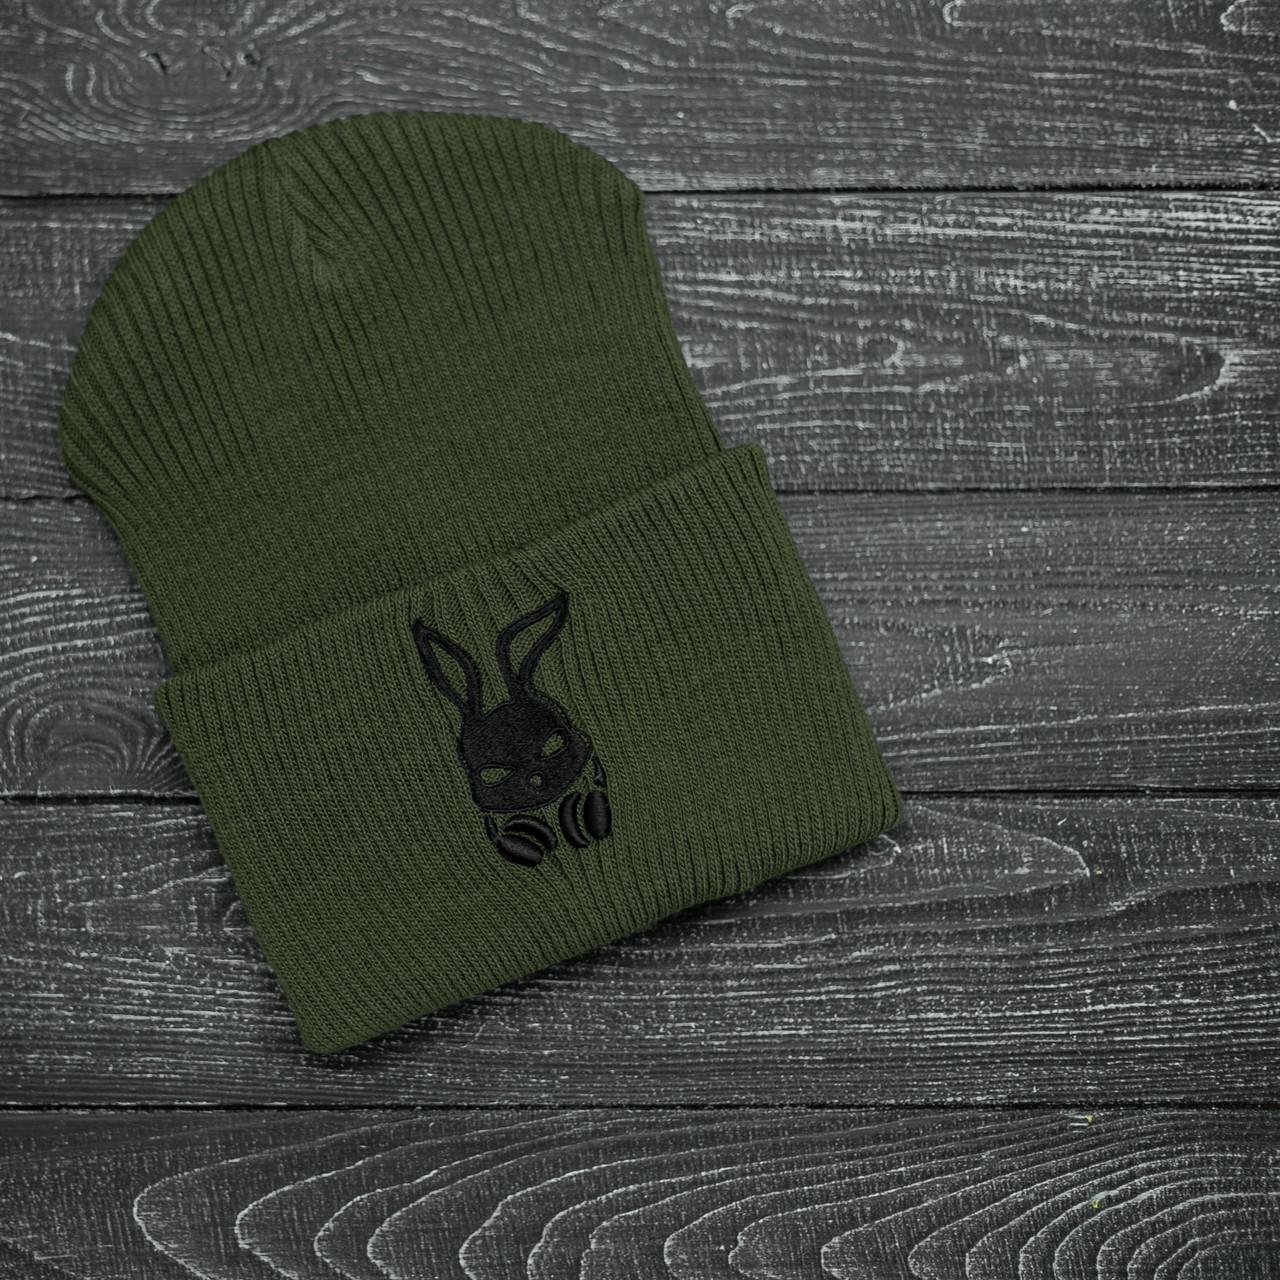 Мужская | Женская шапка Intruder хаки, зимняя bunny logo зеленая